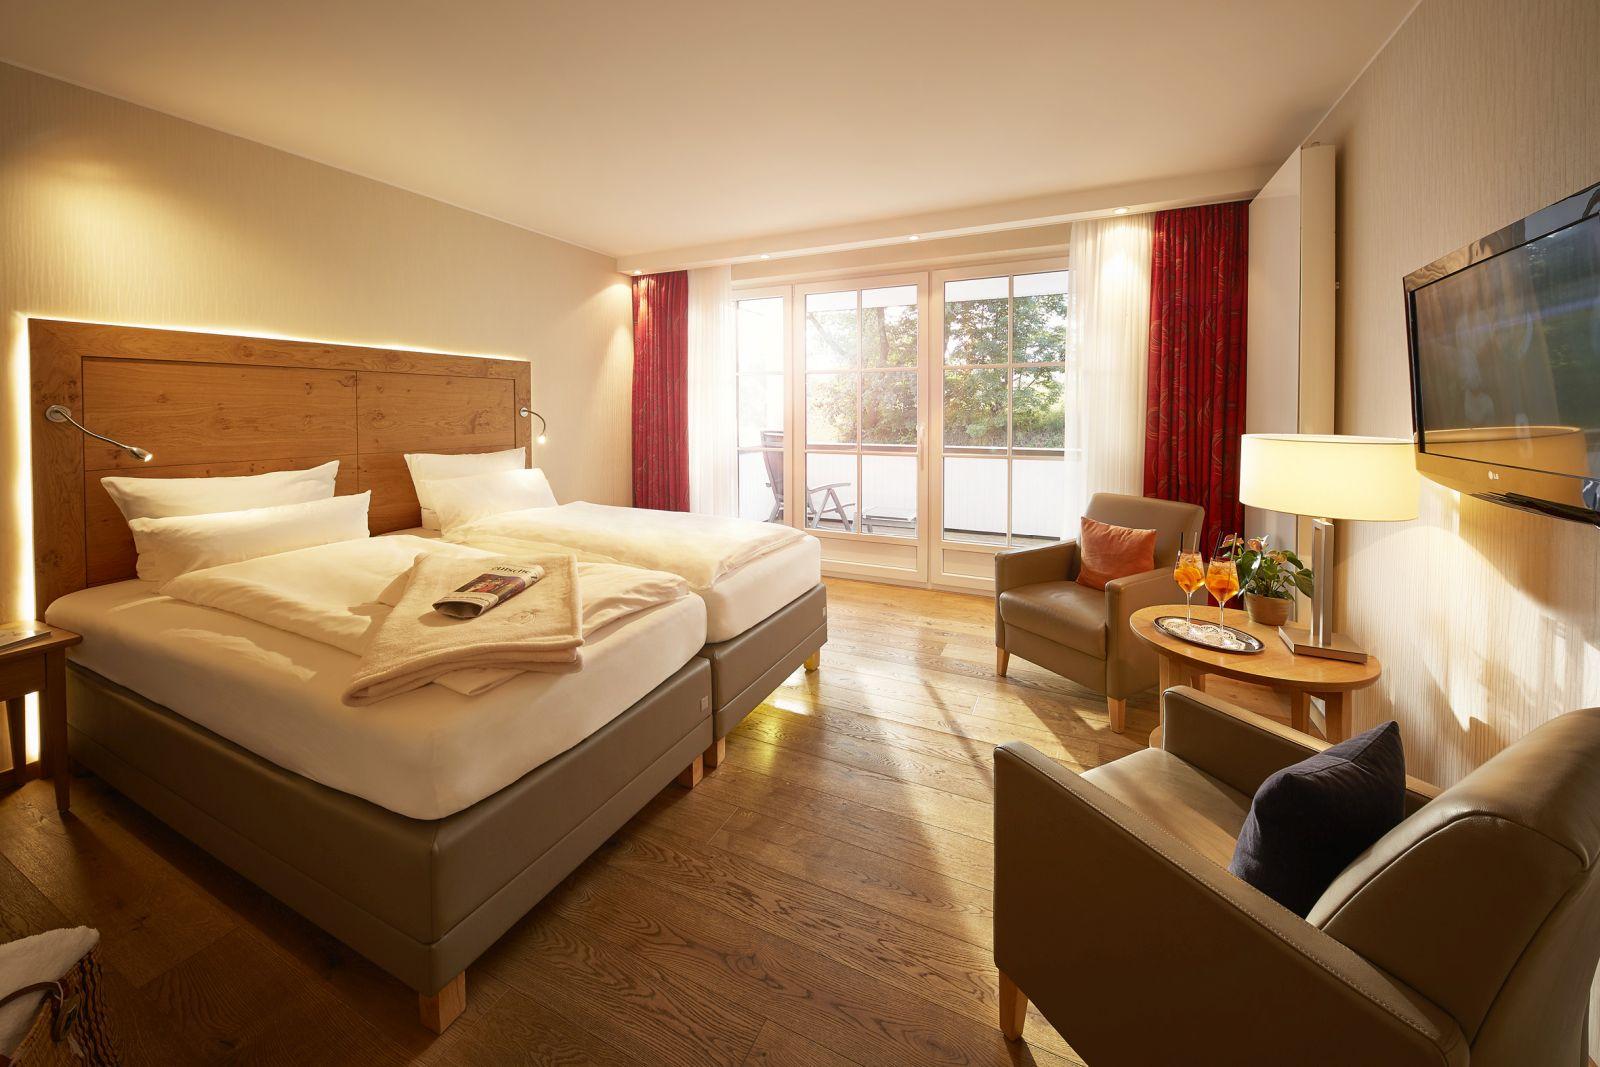 sonnendurchflutetes Doppelzimmer im Hotel Deimann